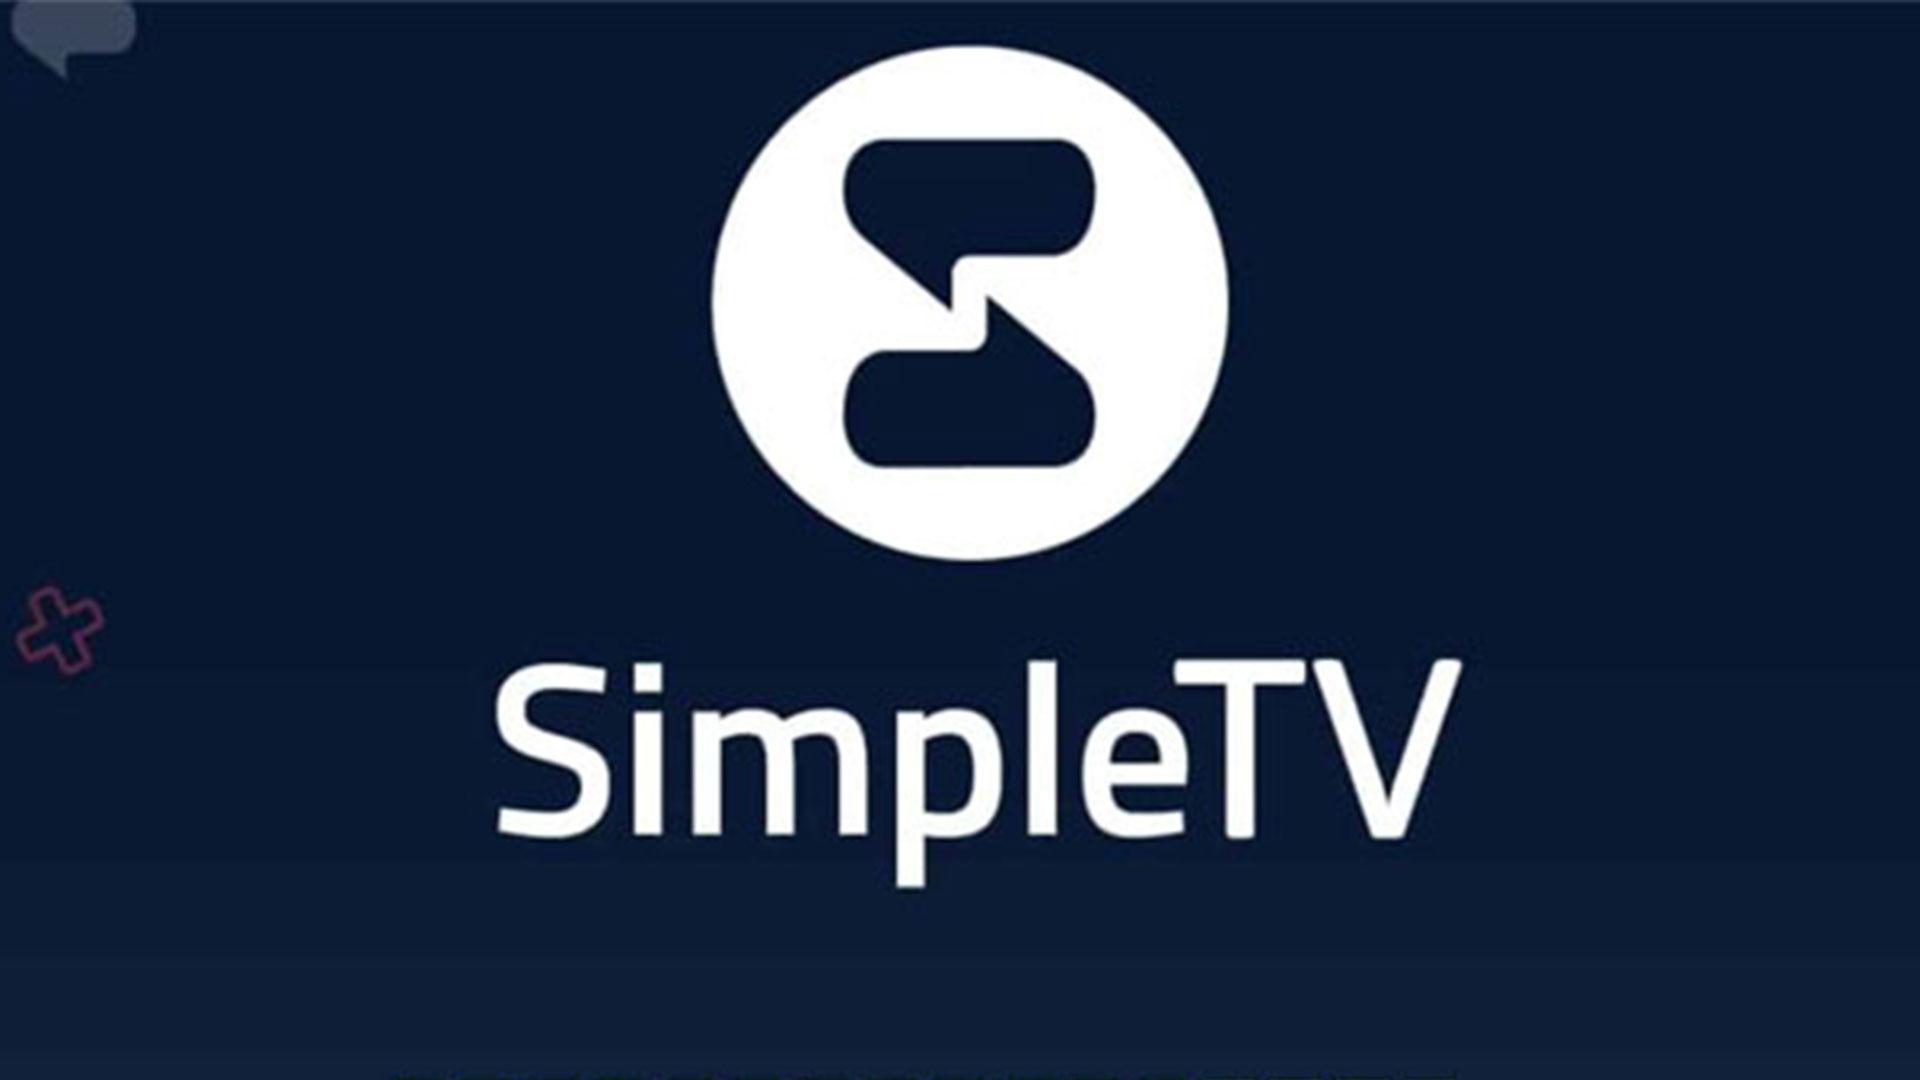 Registro en SimpleTV llega a su fin este #15DIC - NDV